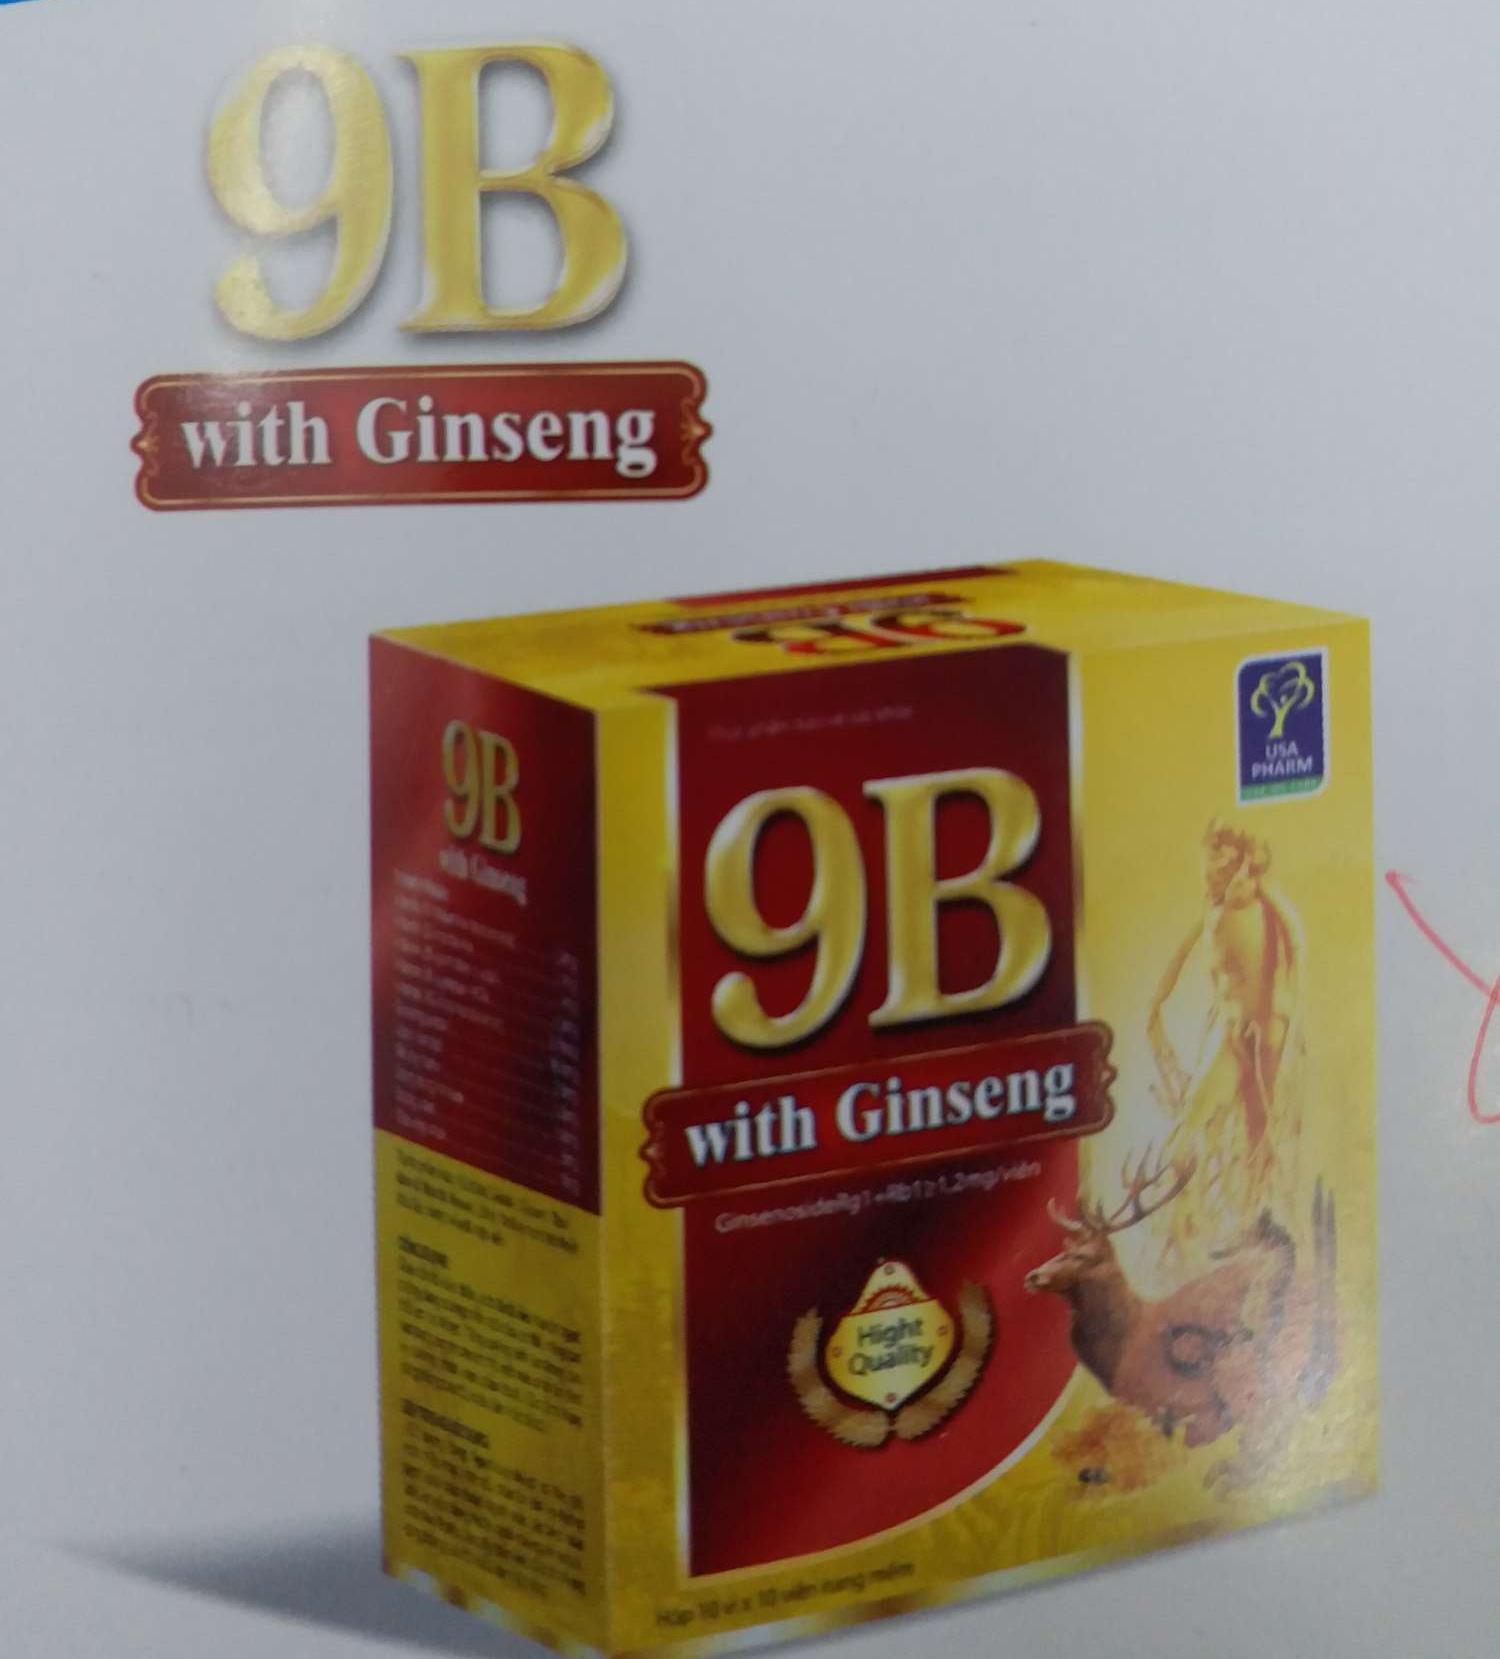 Viên uống Vitamin 9B ginseng hộp 100v chính hãng